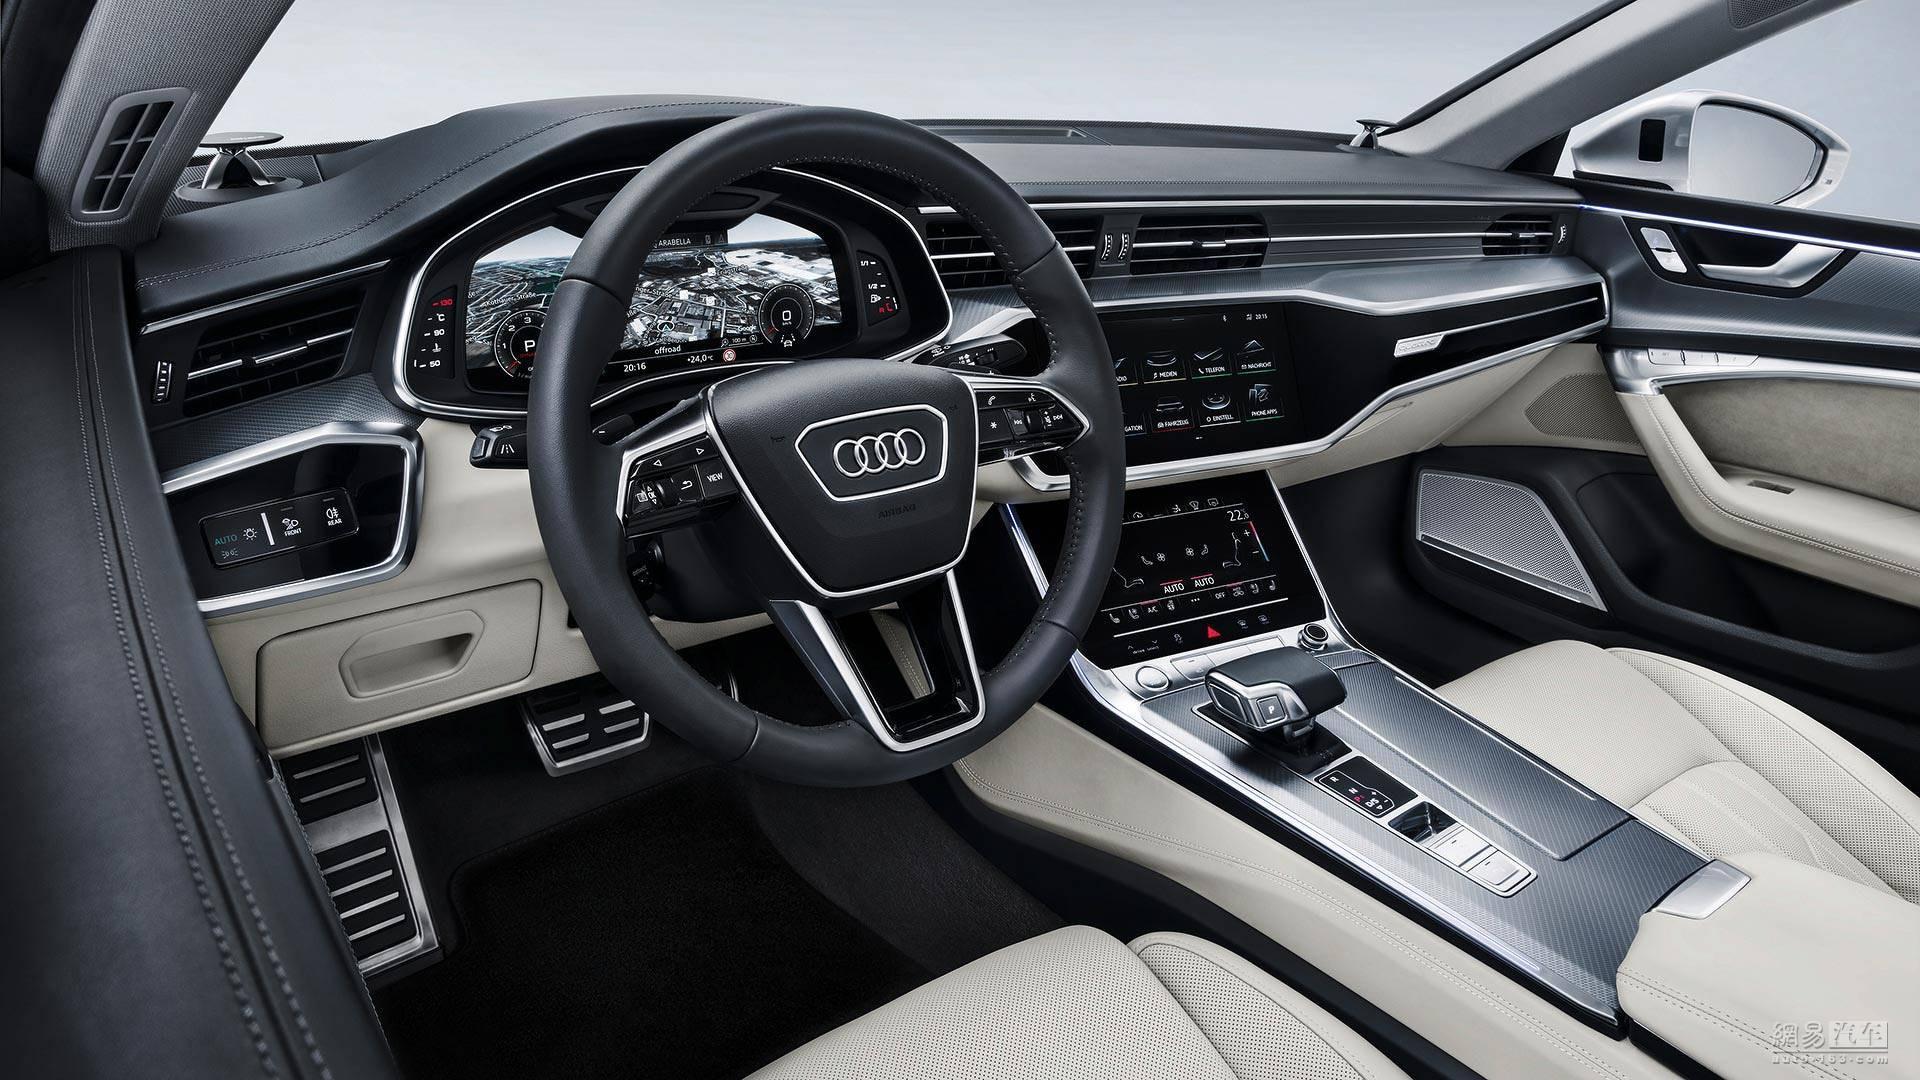 帅到让人窒息 全新一代奥迪A7全球首发